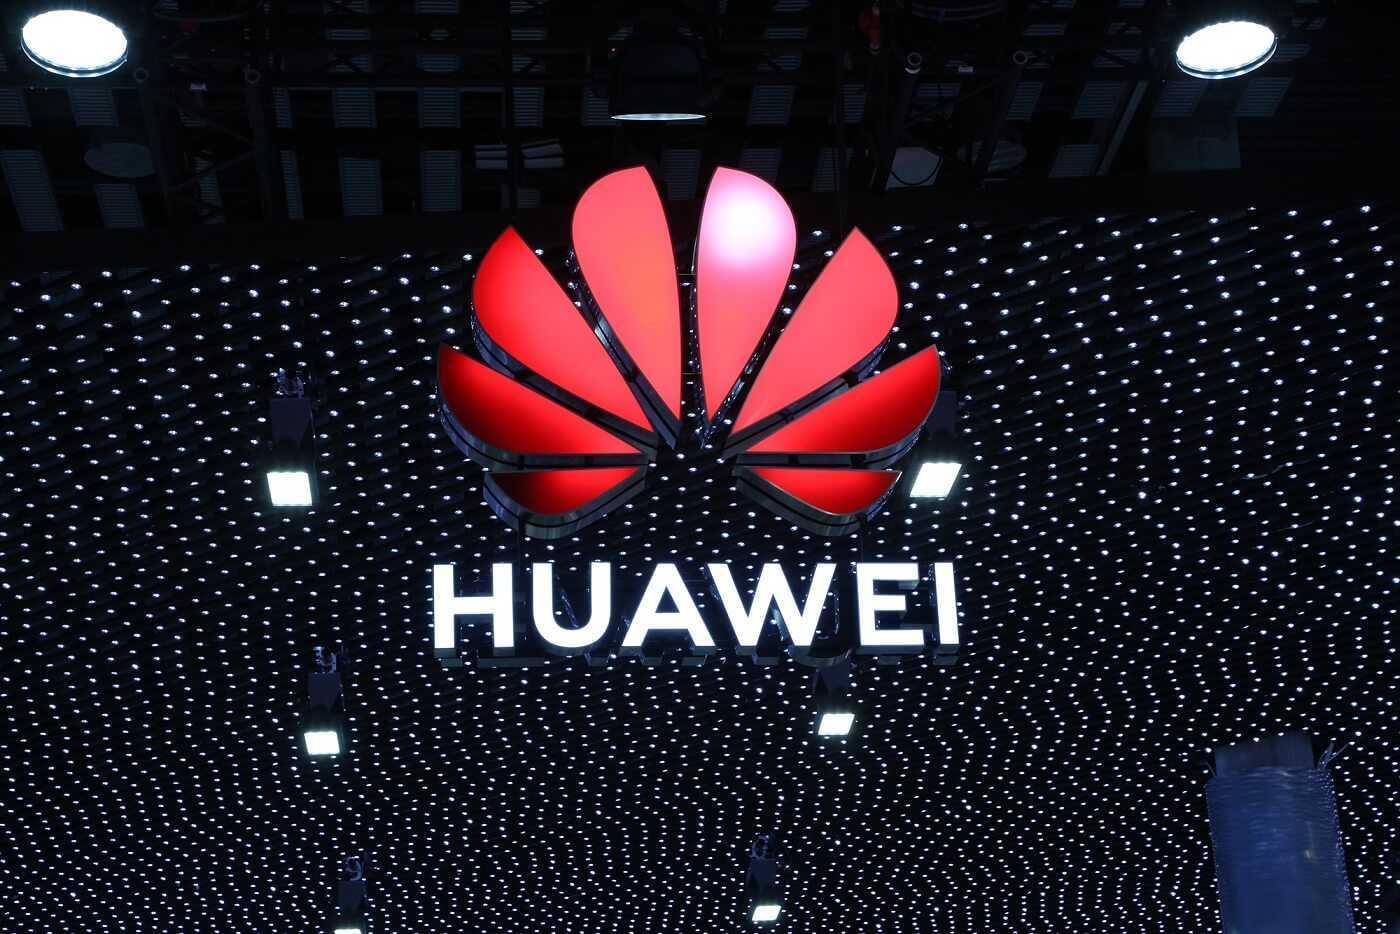 Huawei pirmo tris ceturksnu ienemumi sasniedz 98,6 miljardus ASV dolaru